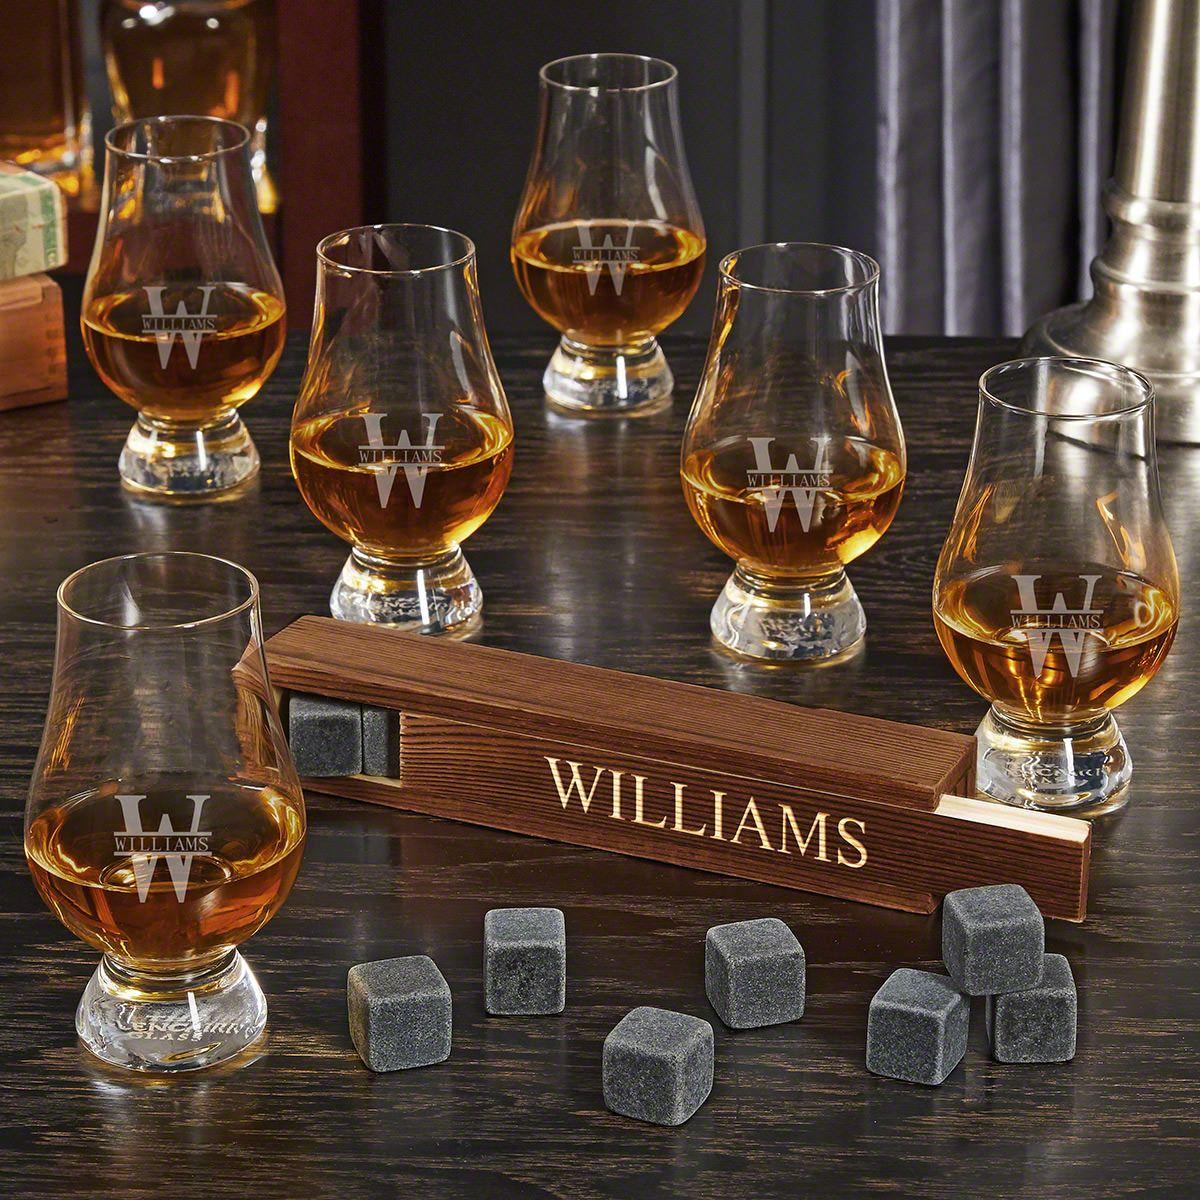 Oakmont Engraved Whiskey Stone Set with 6 Glencairn Whiskey Tasting Glasses